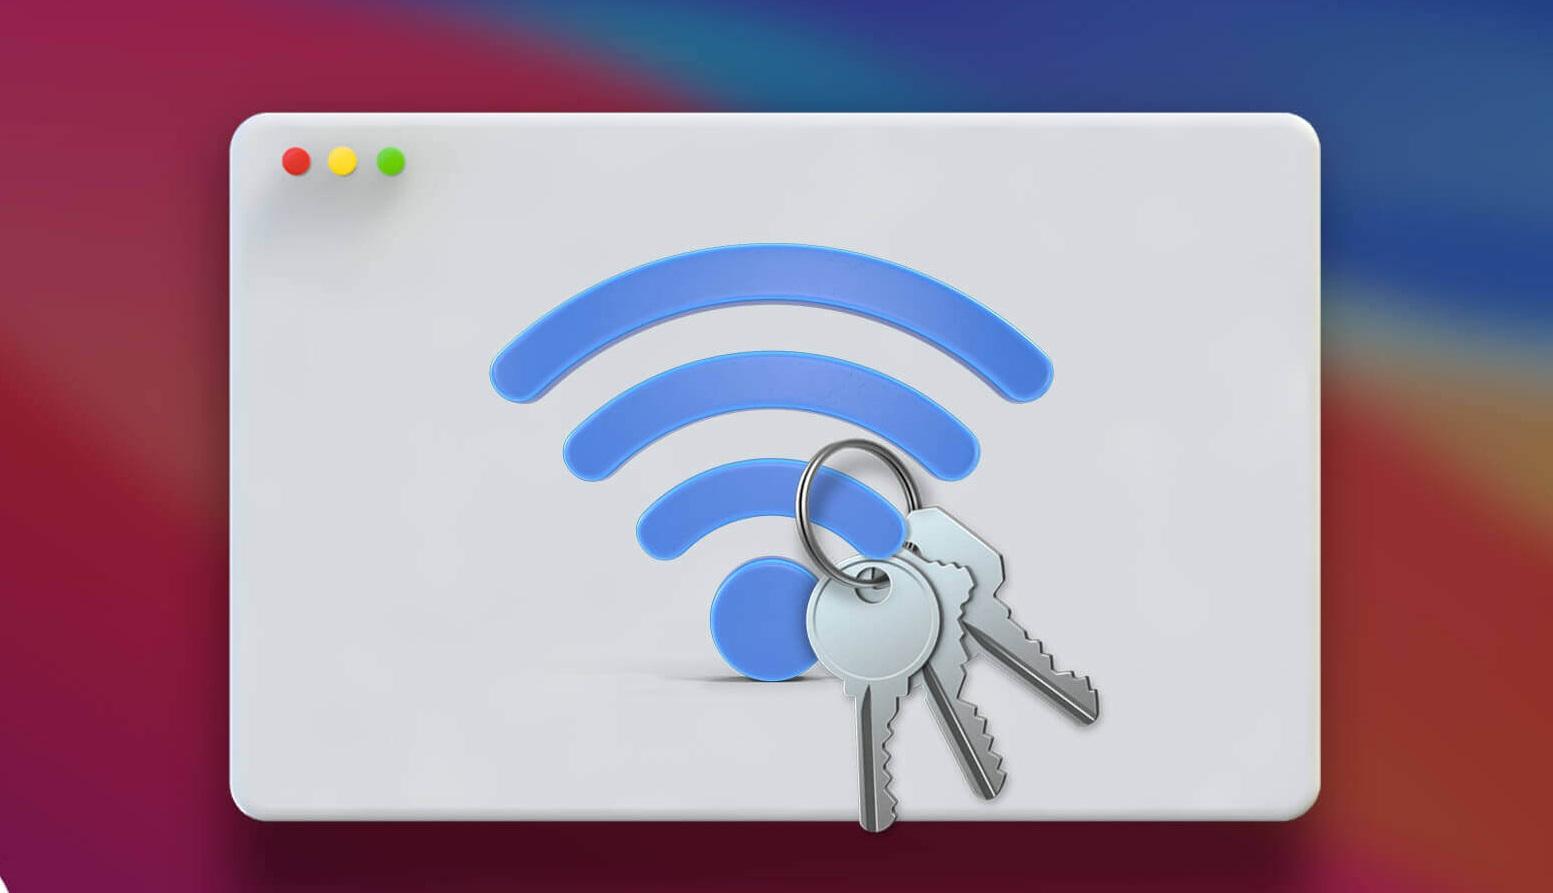 Hướng dẫn xem mật khẩu Wifi đã lưu trên máy Macbook